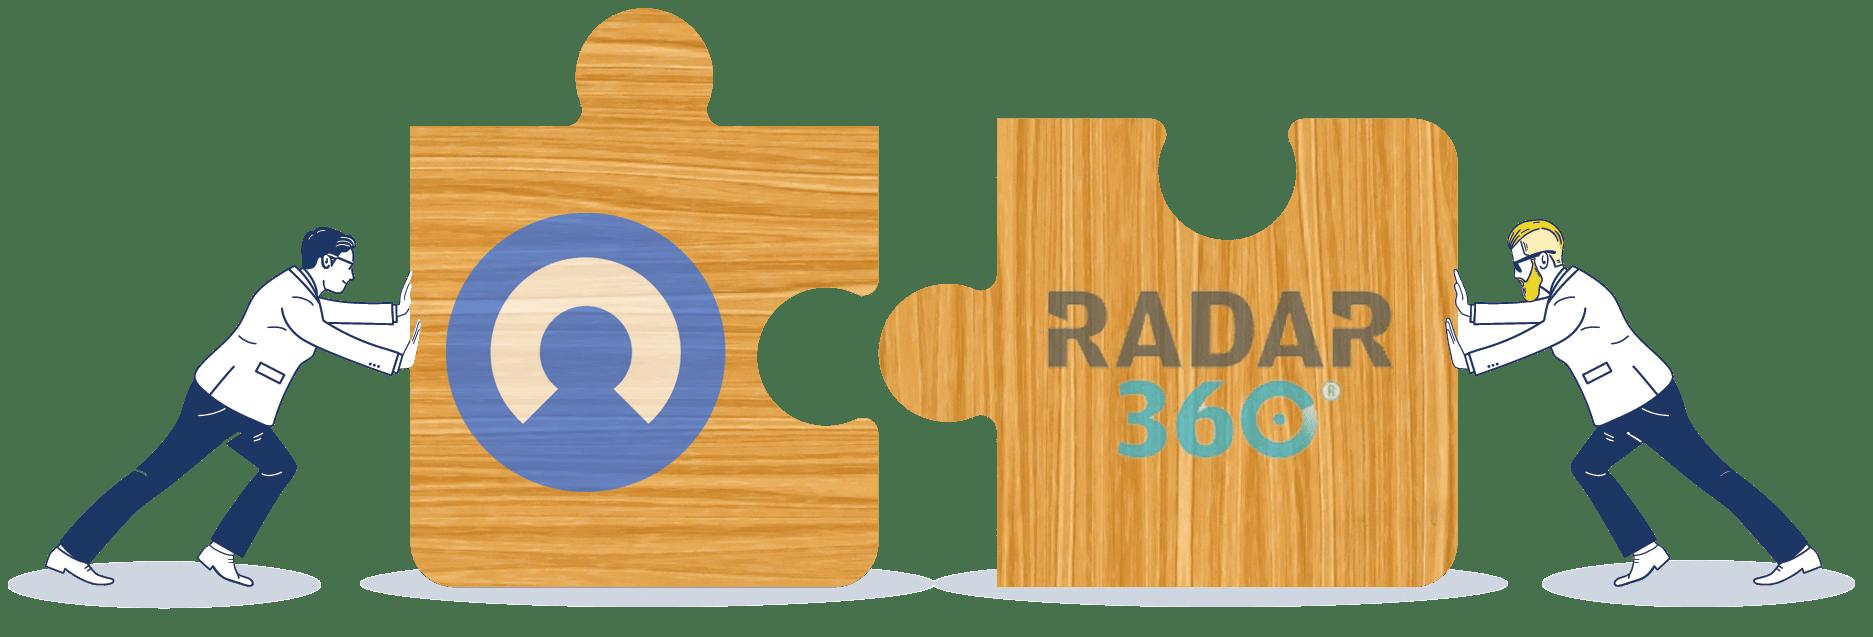 Radar360 + slimme telefonie